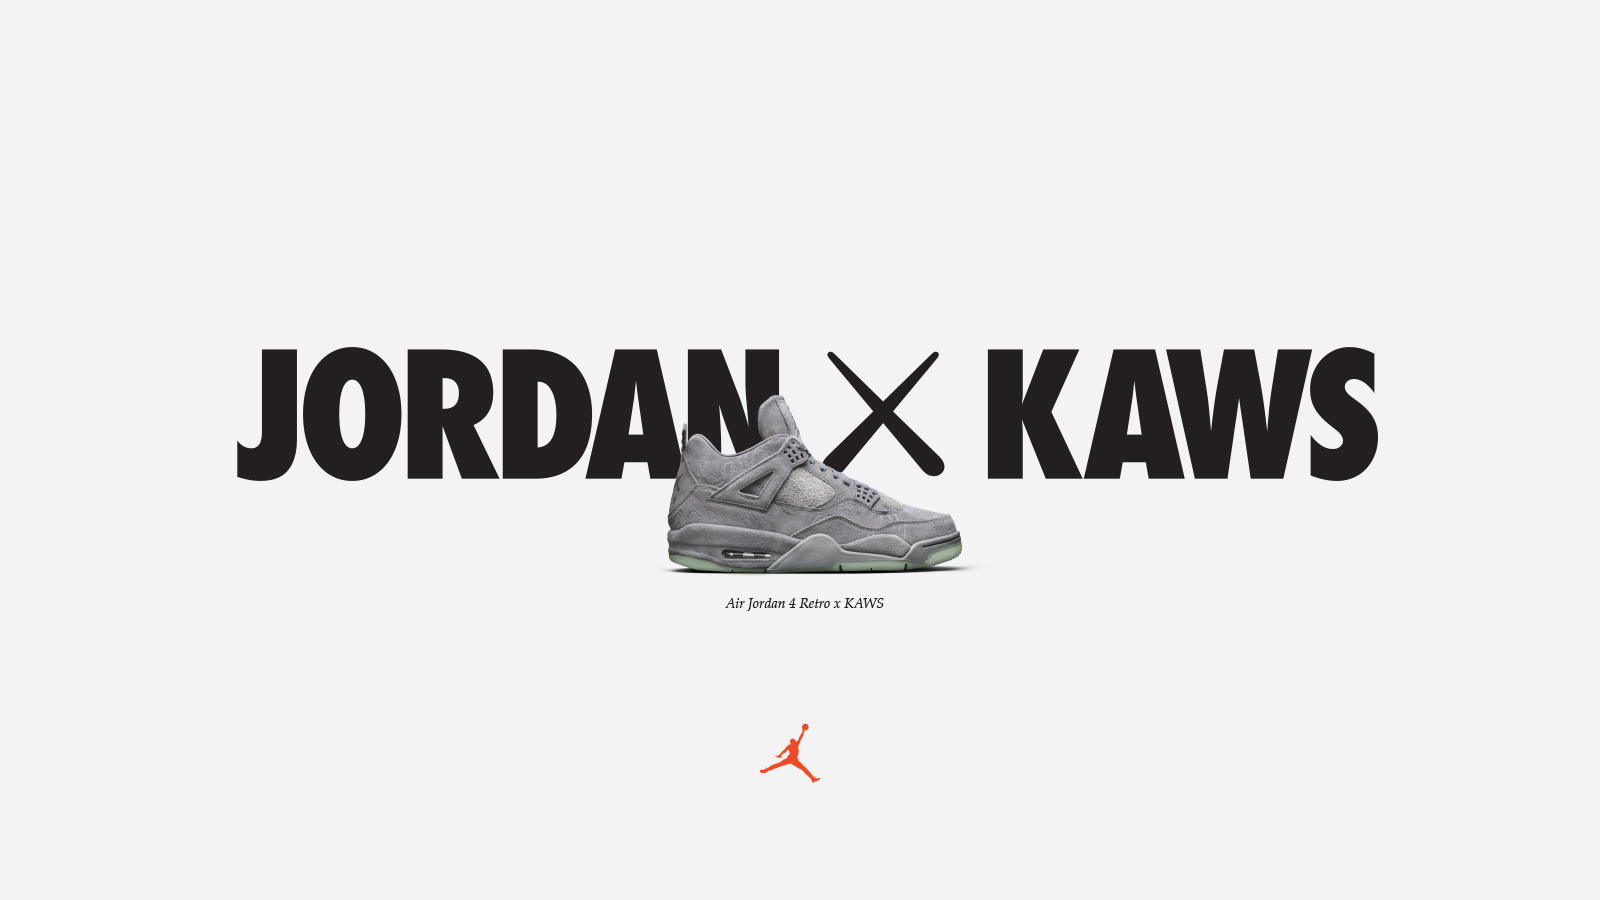 Nike Air Jordan IV x KAWS